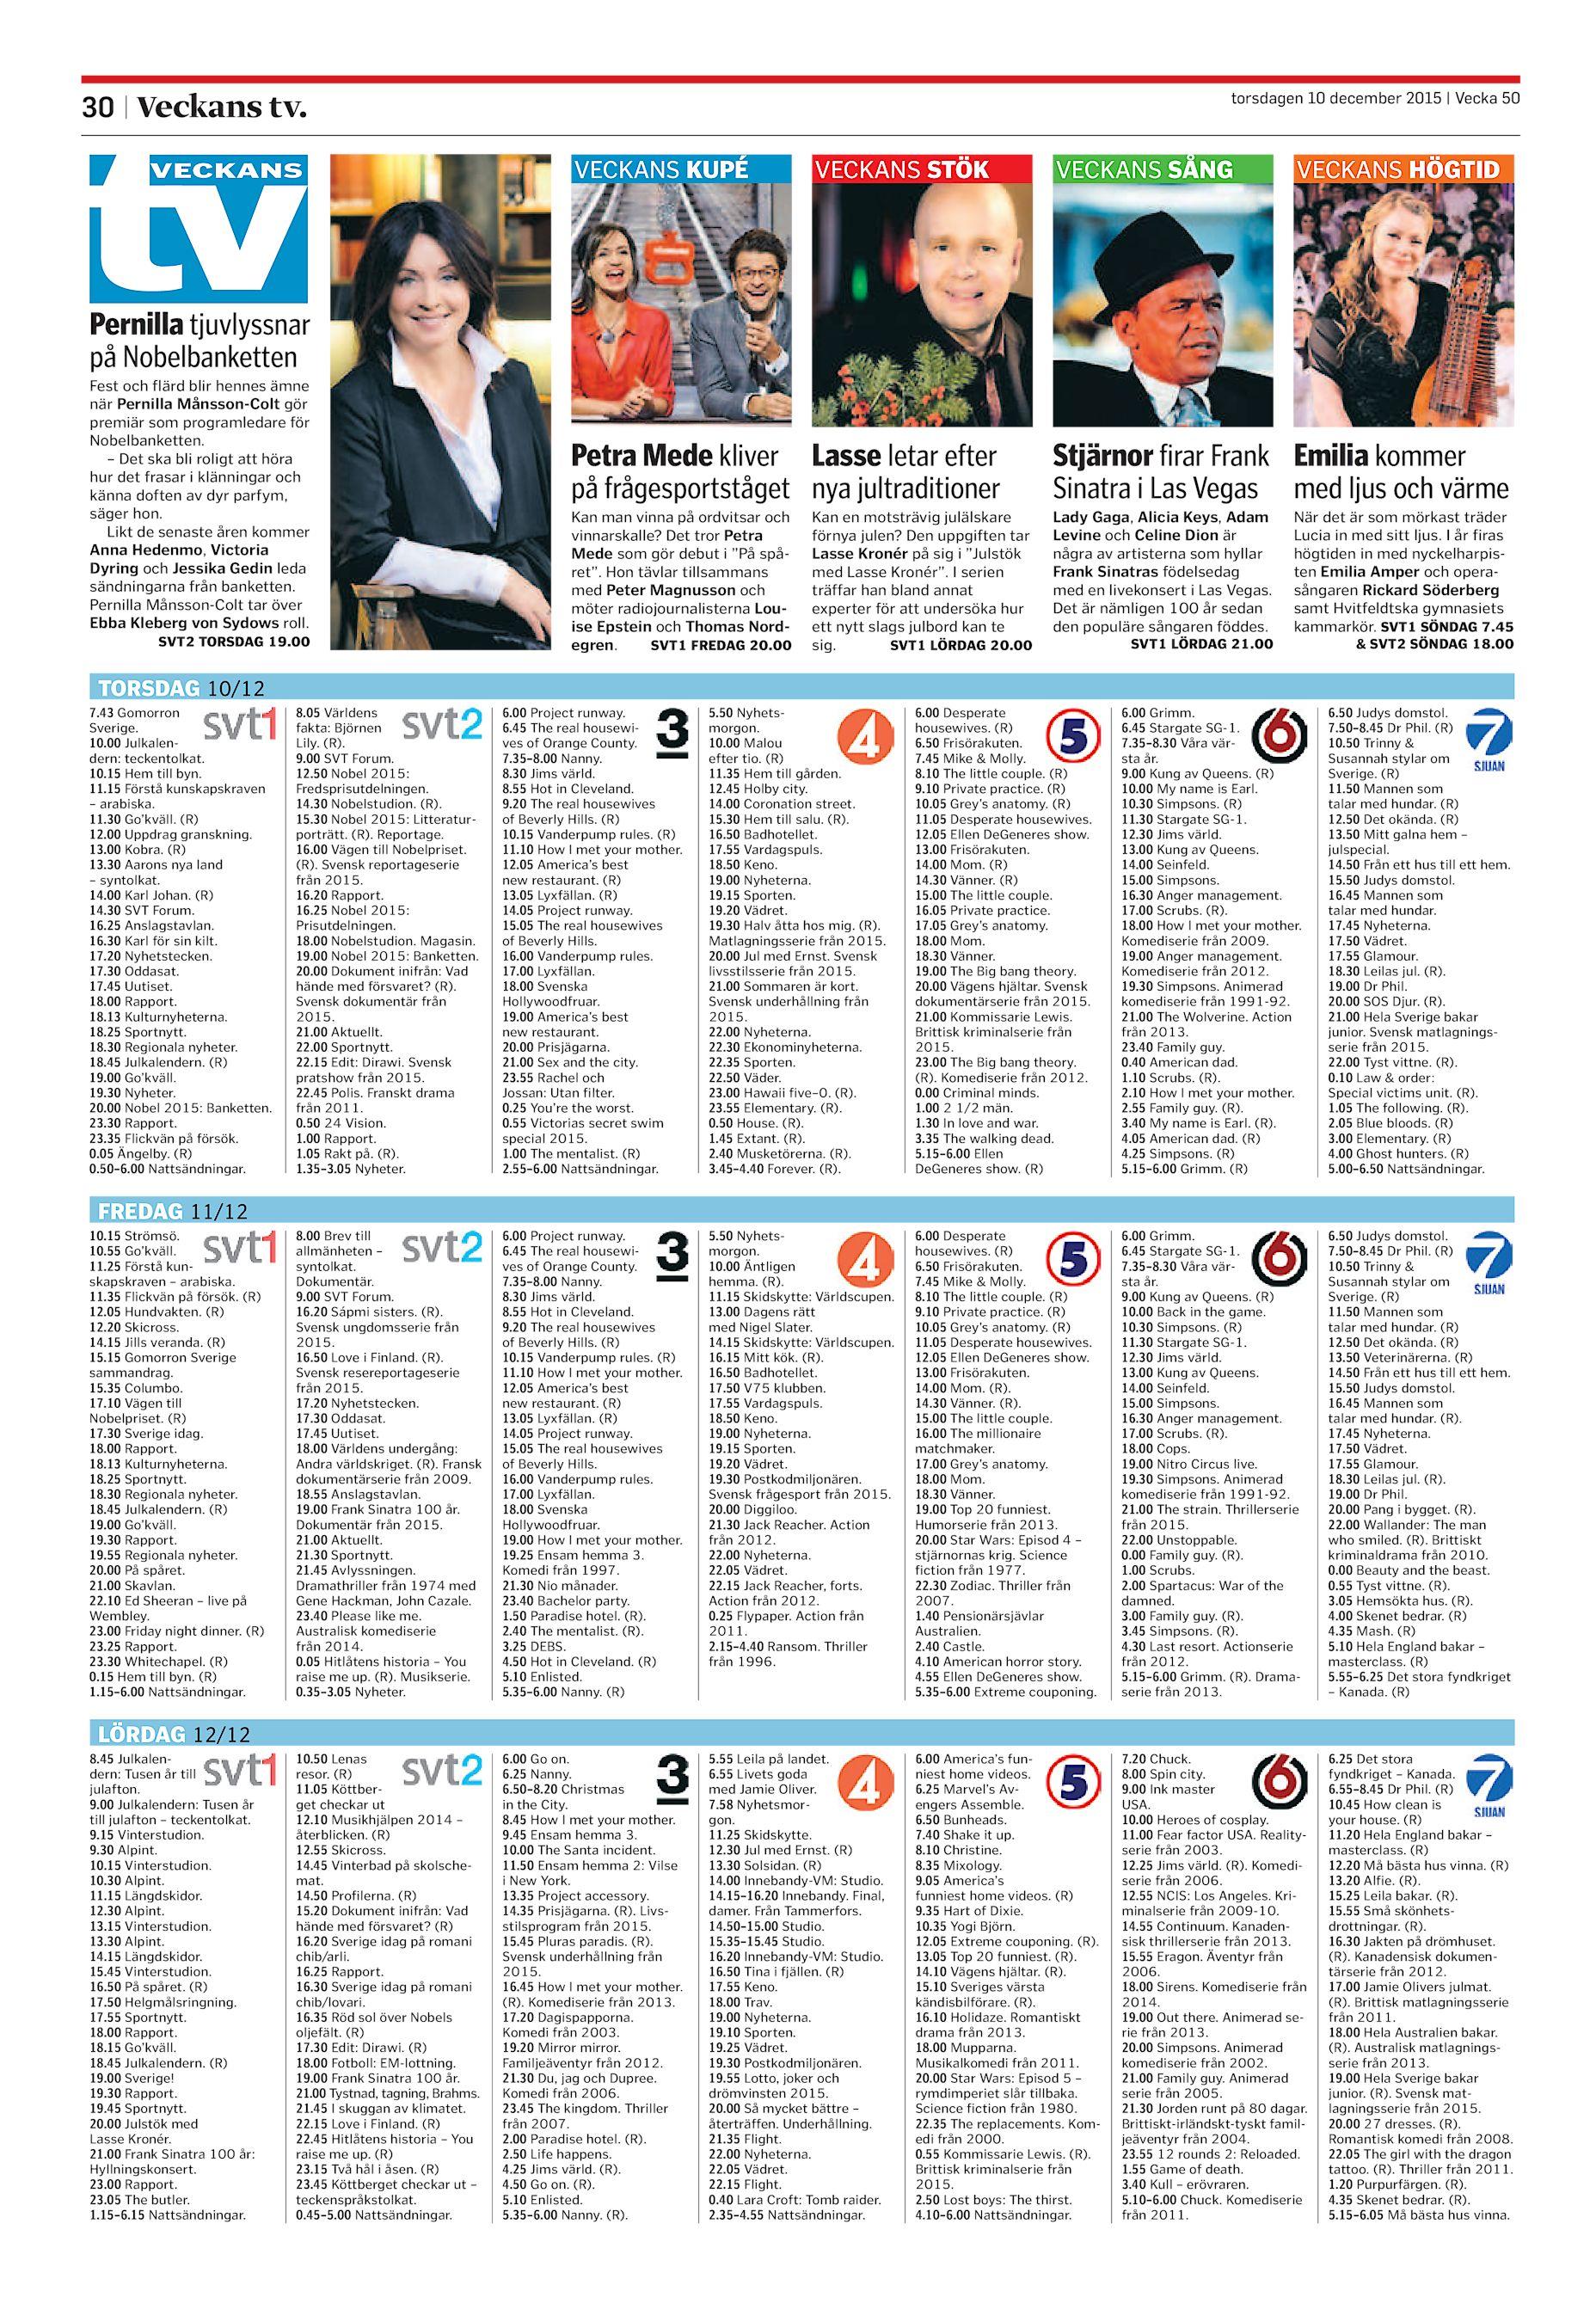 7bf310bc50e7 tv torsdagen 10 december 2015 | Vecka 50 30 | Veckans tv. veckans VECKANS  kupé VECKANS sTök VECKANS sång VECKANS HögTId Pernilla tjuvlyssnar på ...